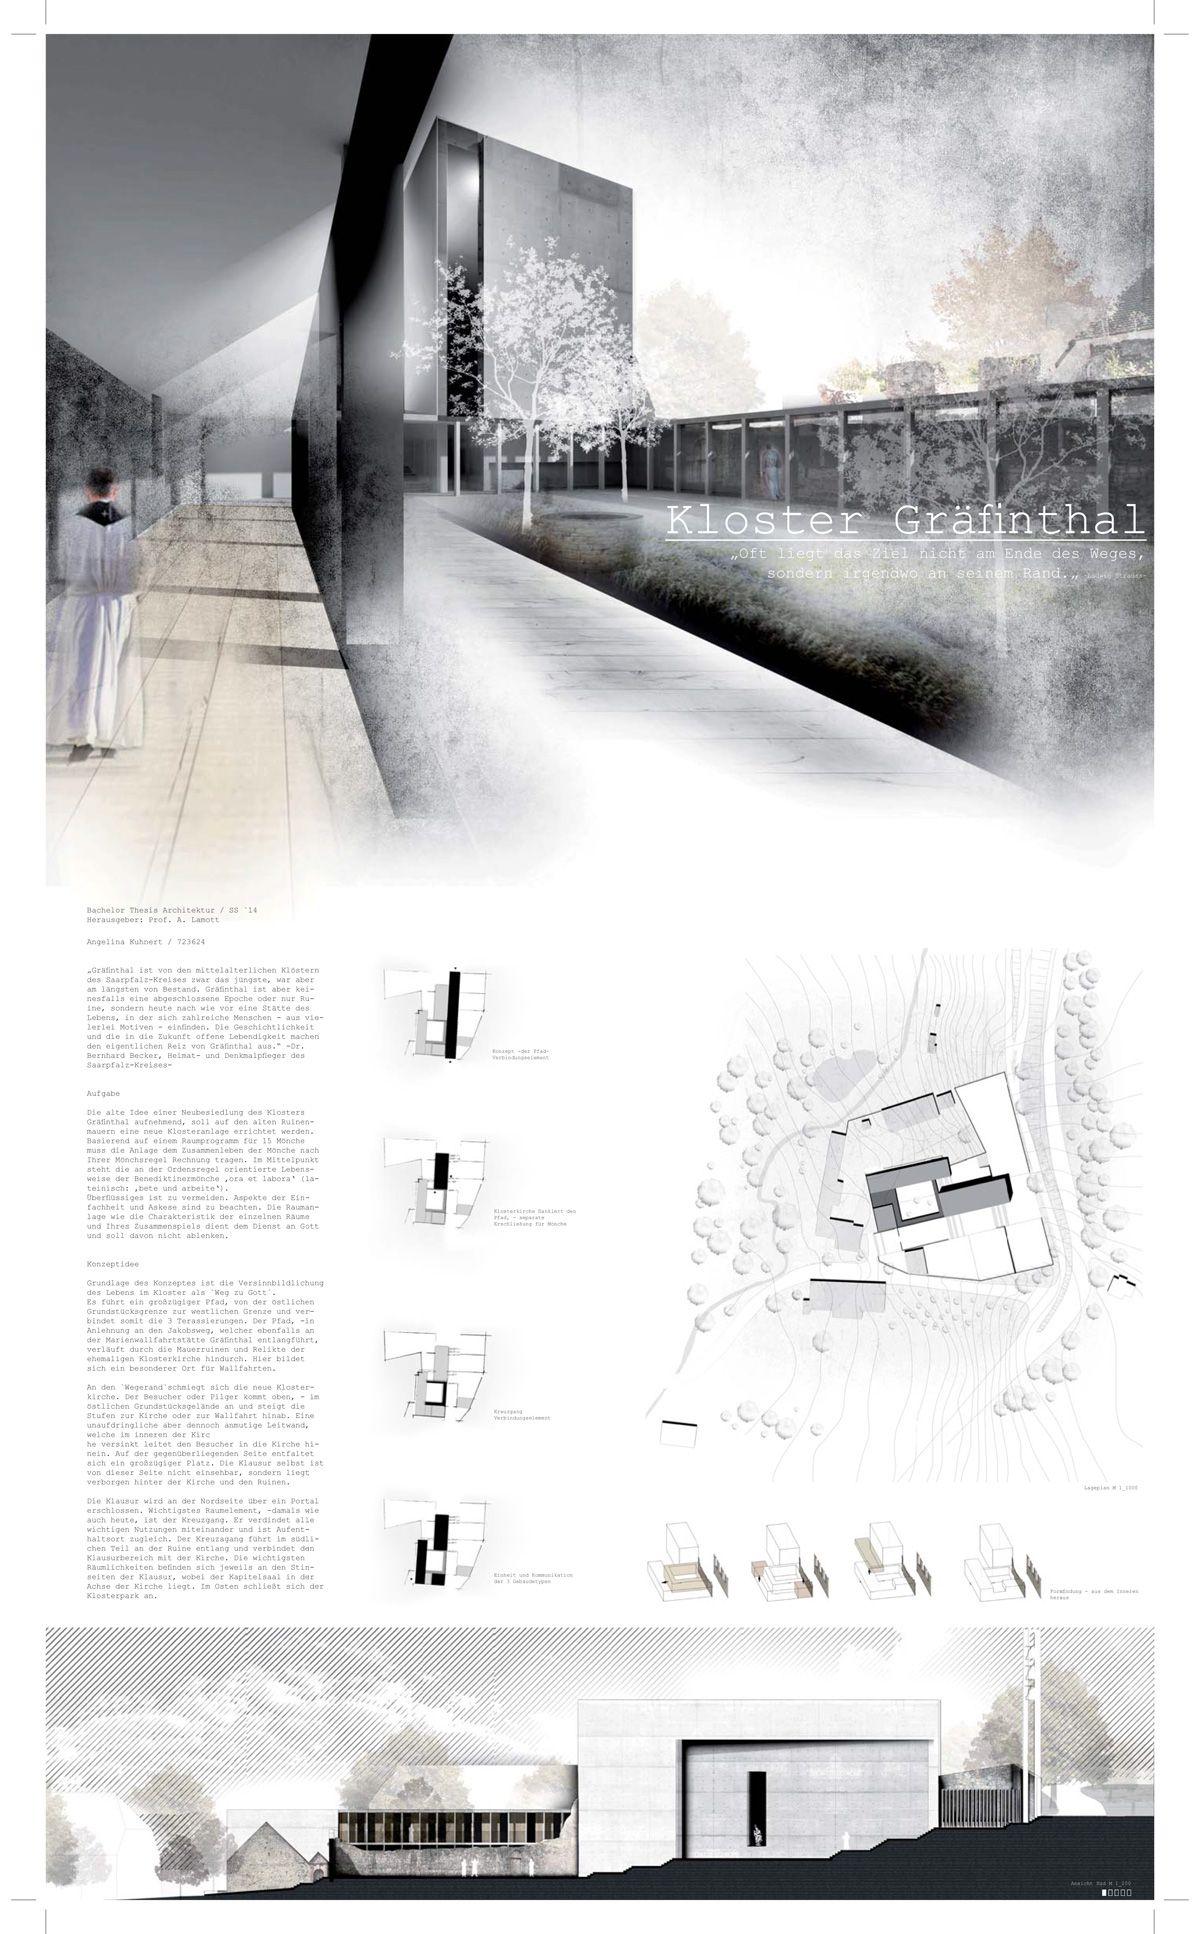 Architekturvisualisierung Preise 1 preis bereich architektur kuhnert inspiration